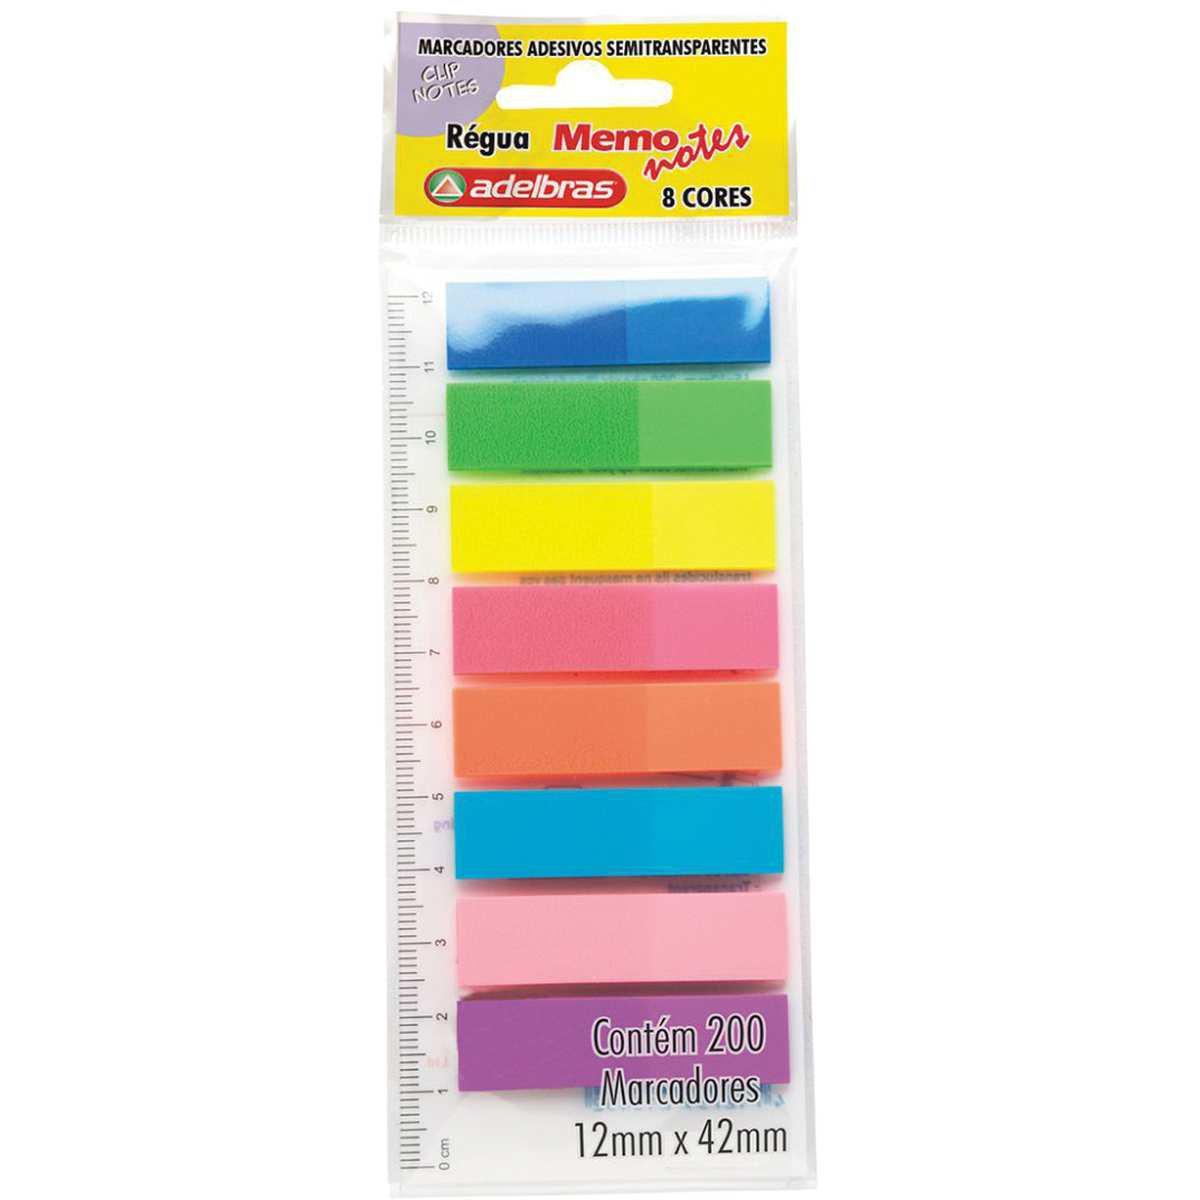 Bloco Marcador de Pagina Adesivo 8 Cores Neon com 200 un - Adelbras